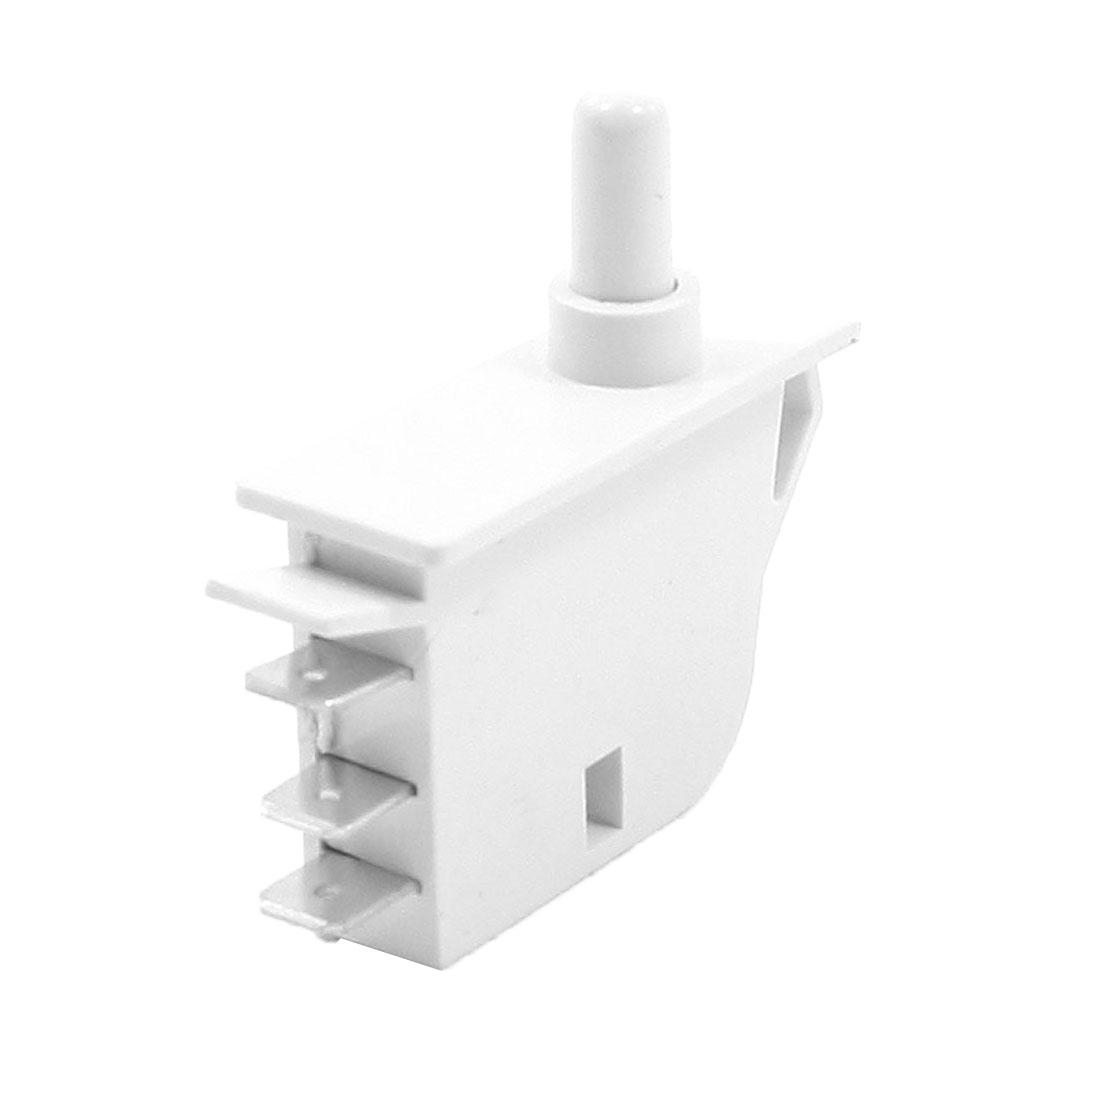 250V 0.5A NC NO Insulating Housing SPDT 3 Pin Fridge Door Light Switch